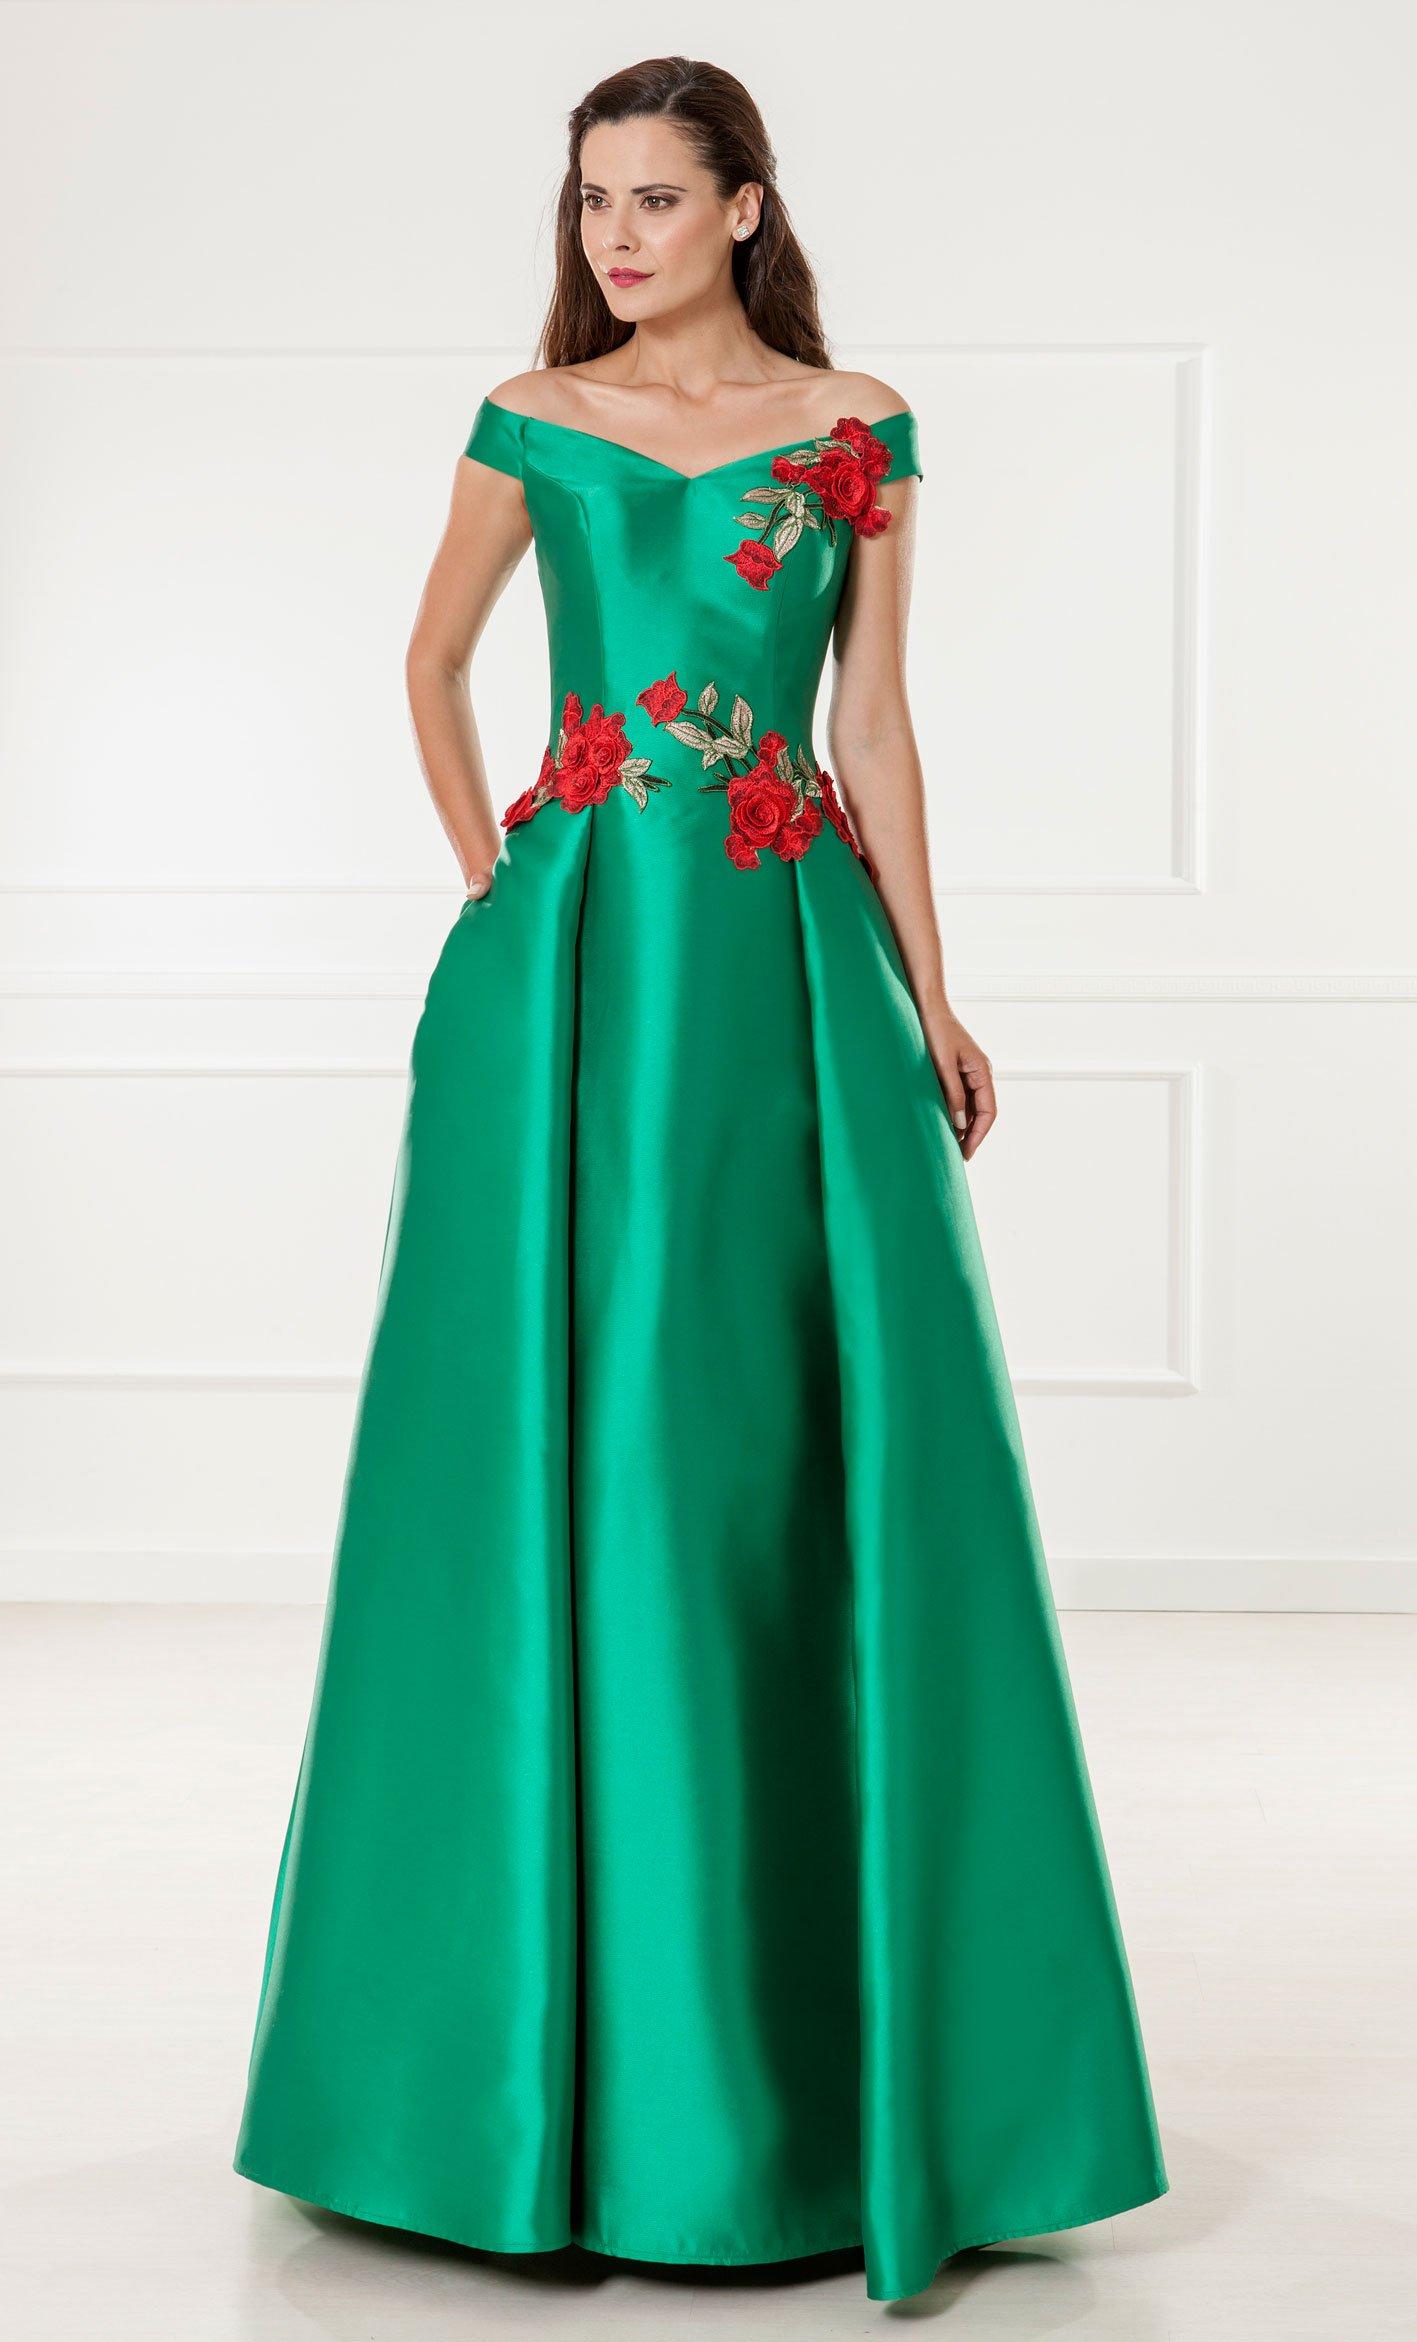 Comprar Online X&M Vestidos de fiesta y cóctel - Carmen Horneros